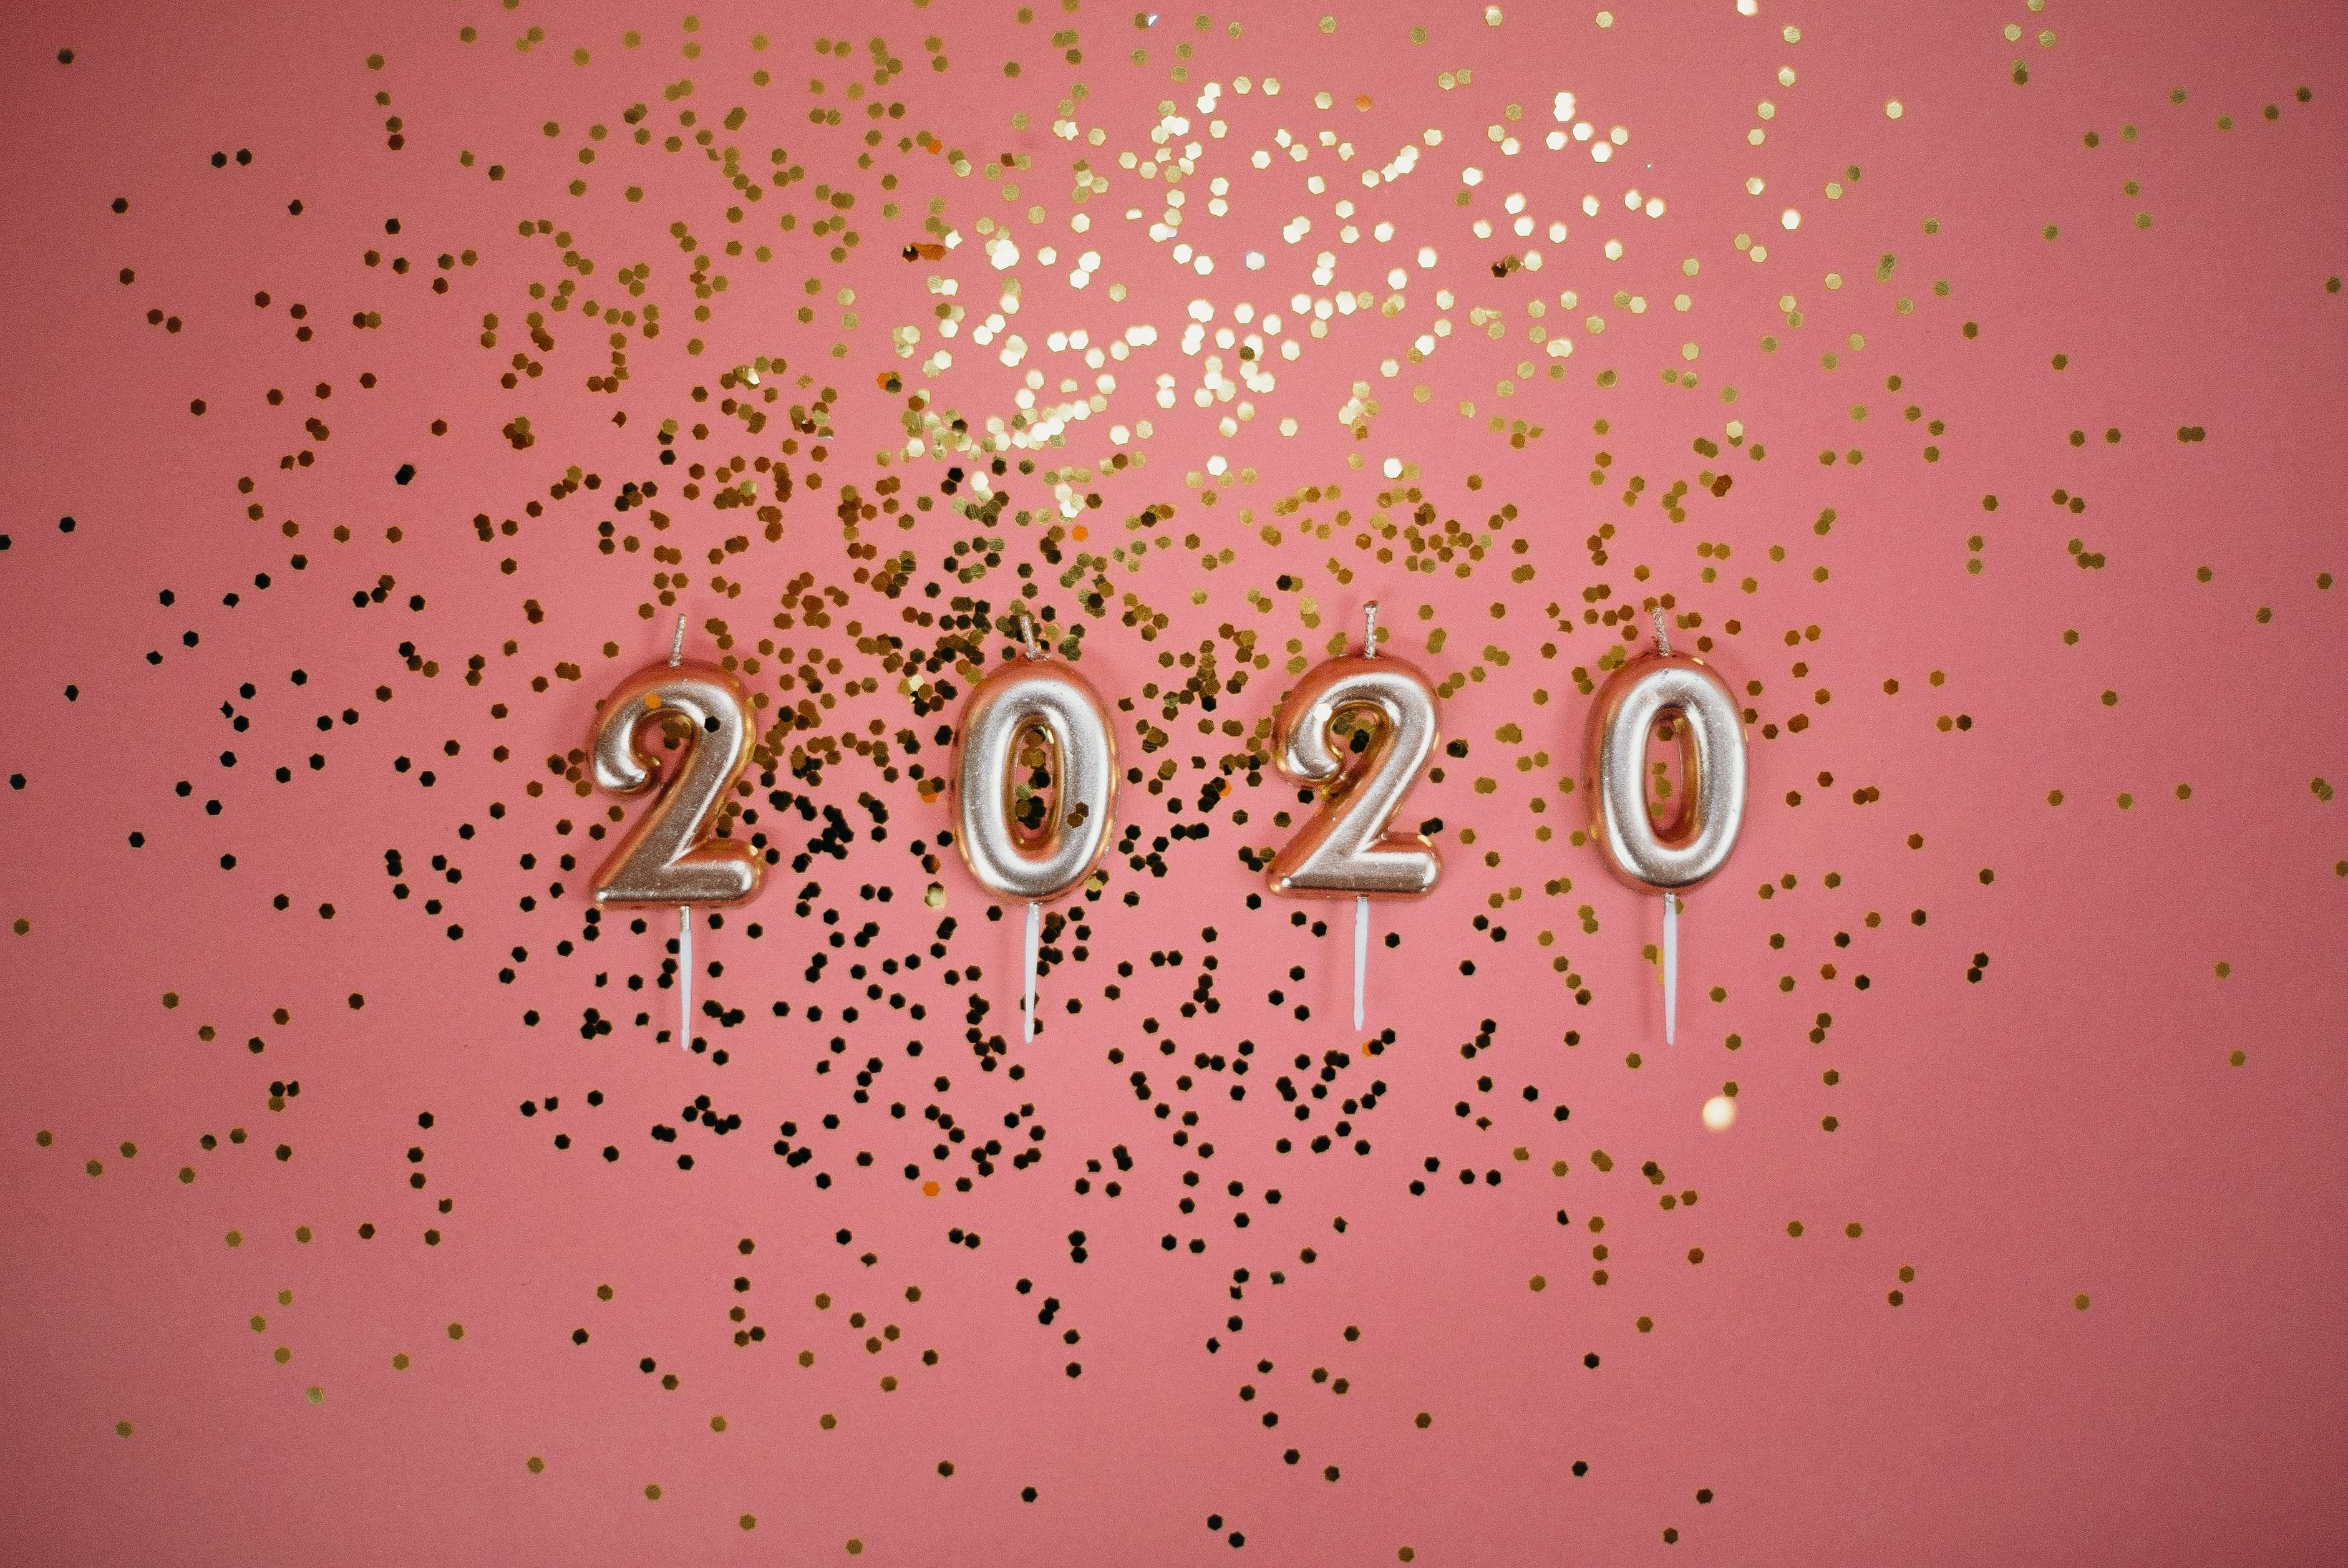 Selbstfürsorge mein Vorsatz für 2020.